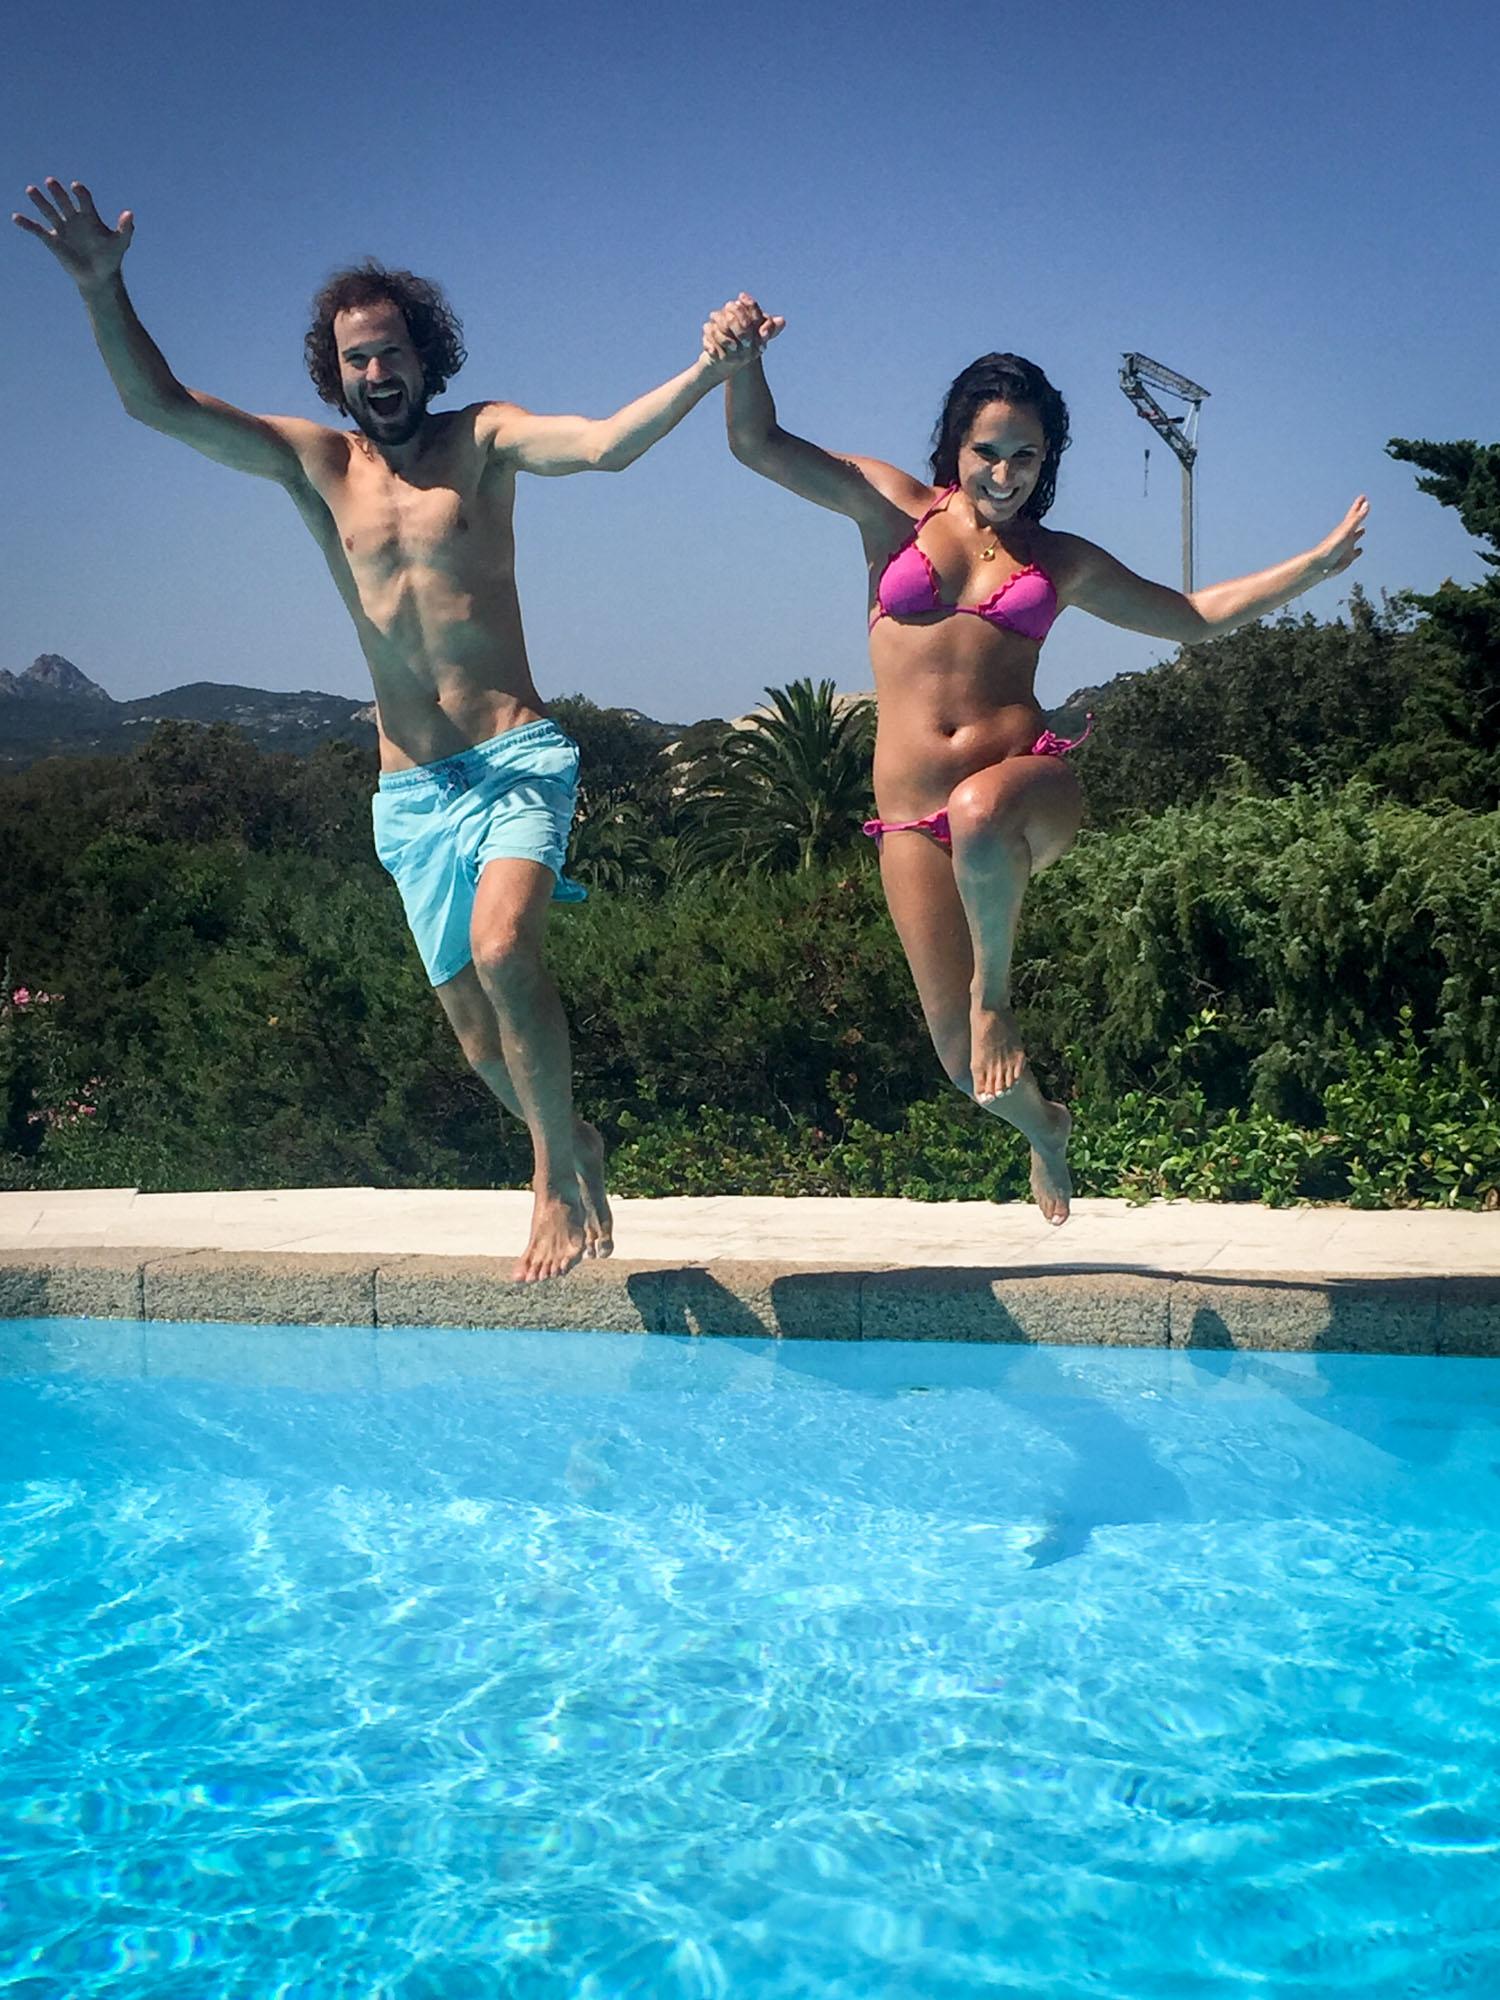 Babe and i pool fun